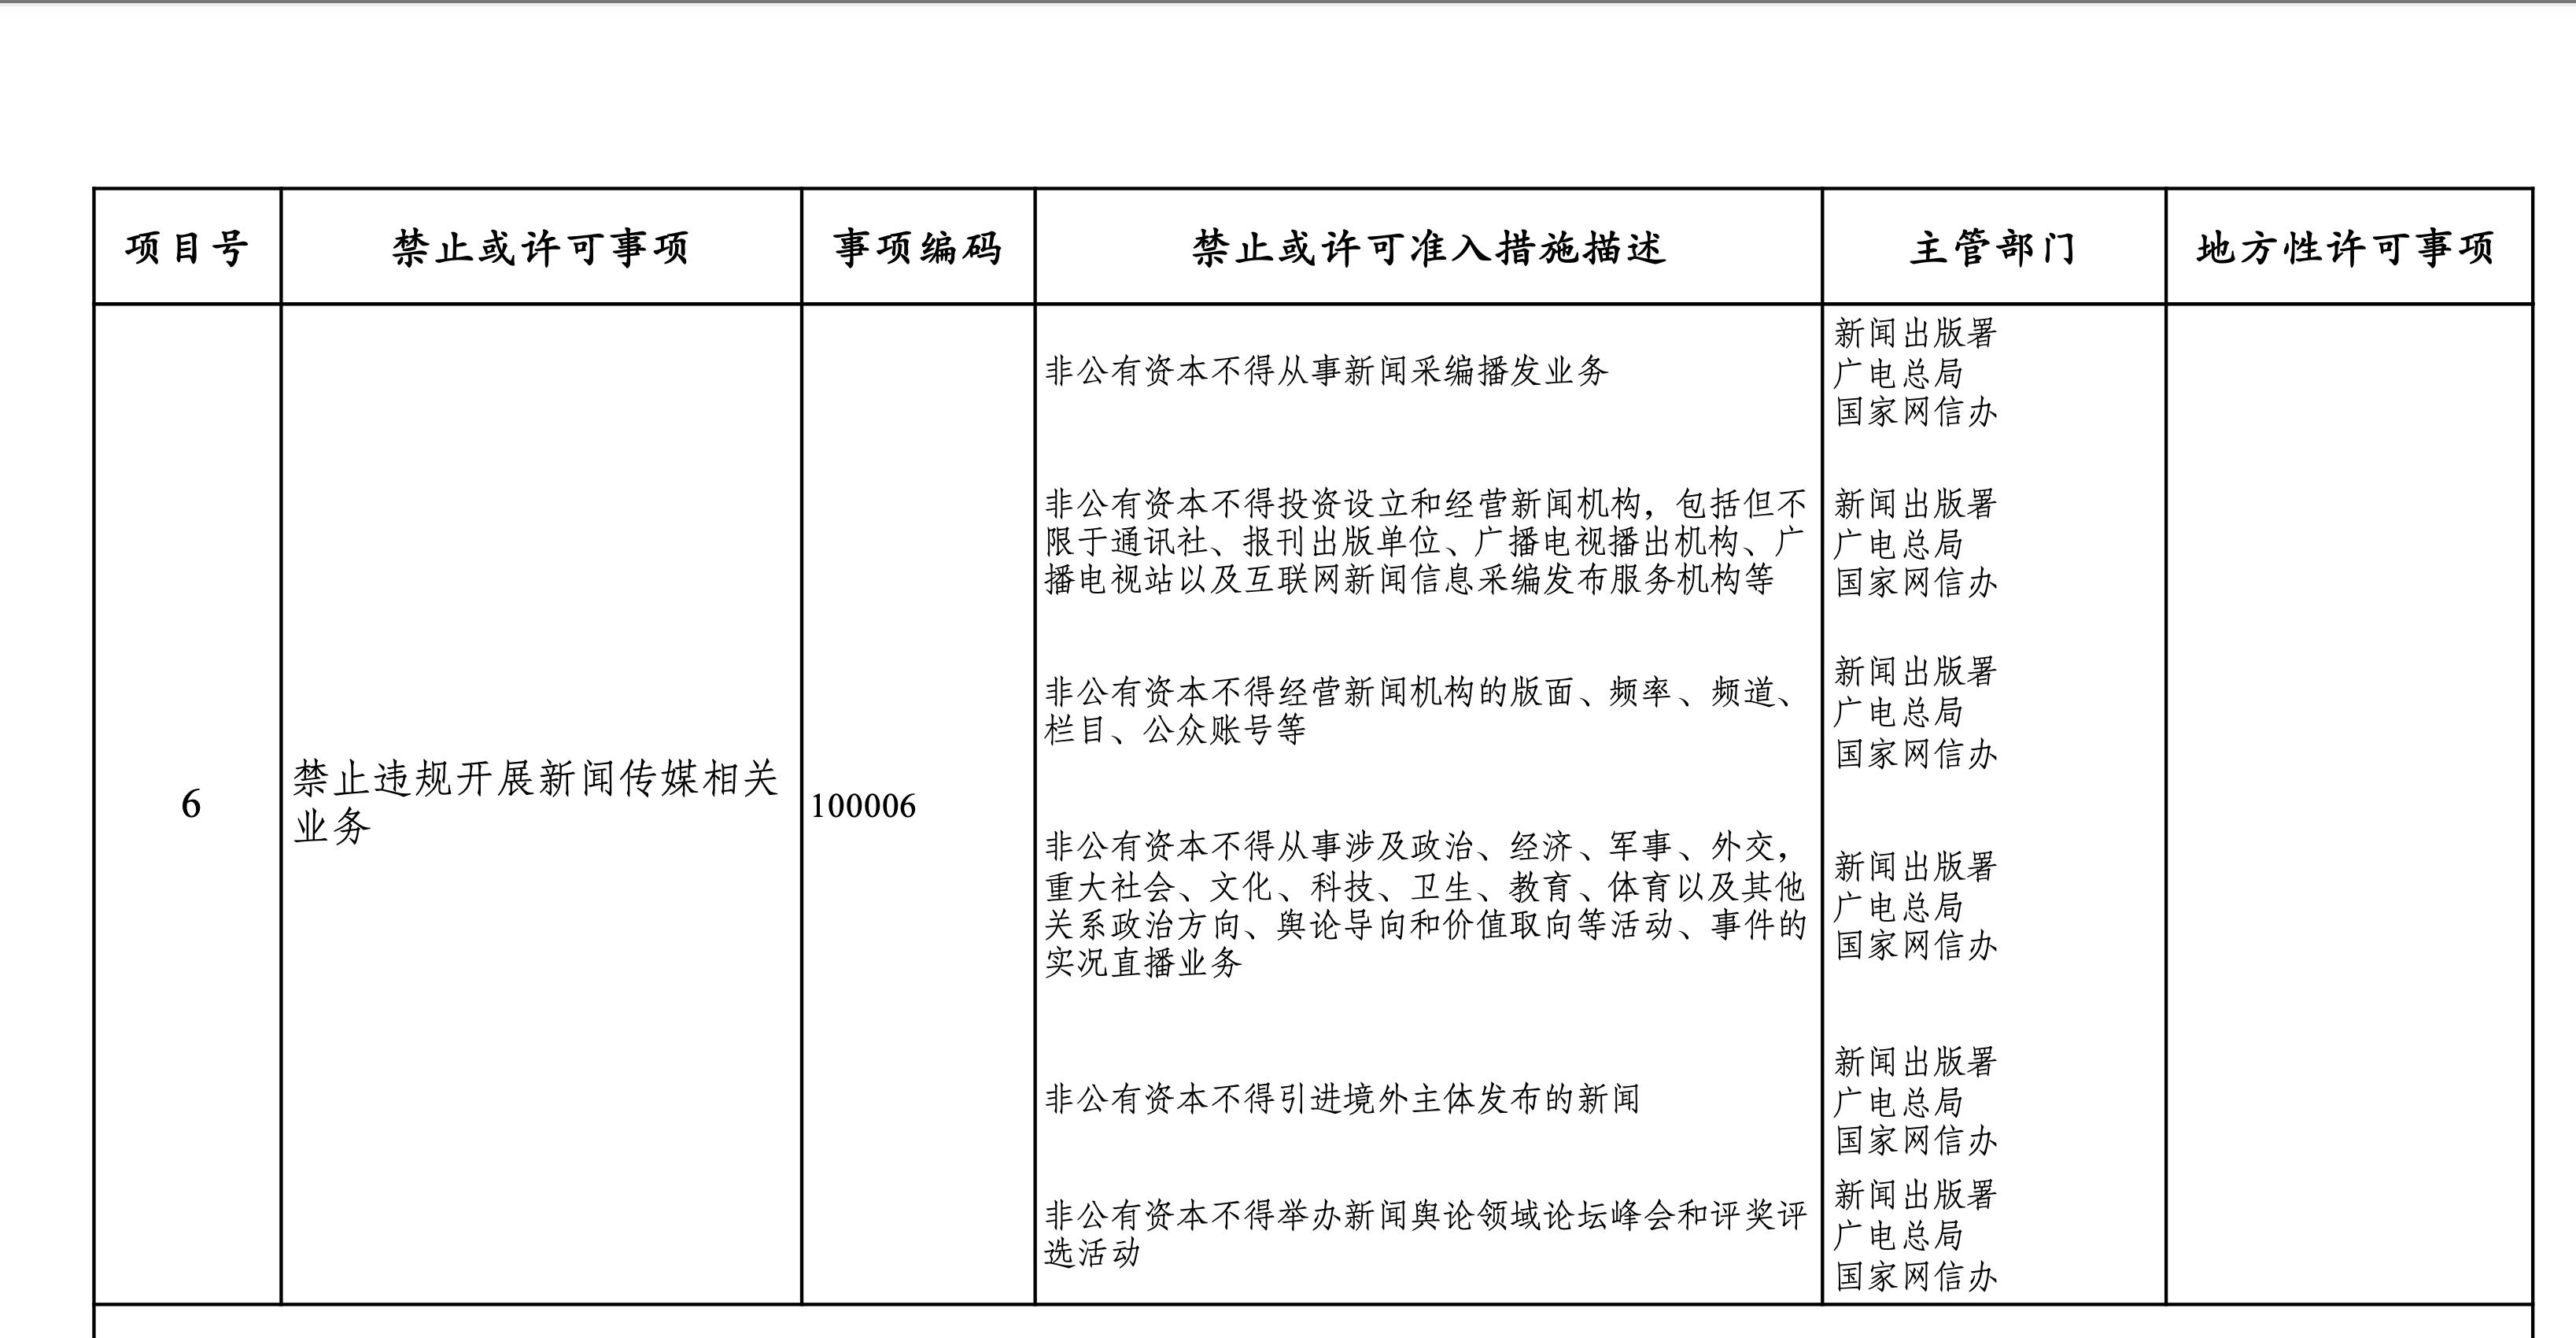 市场准入负面清单(2021年版公开征求意见稿)截图